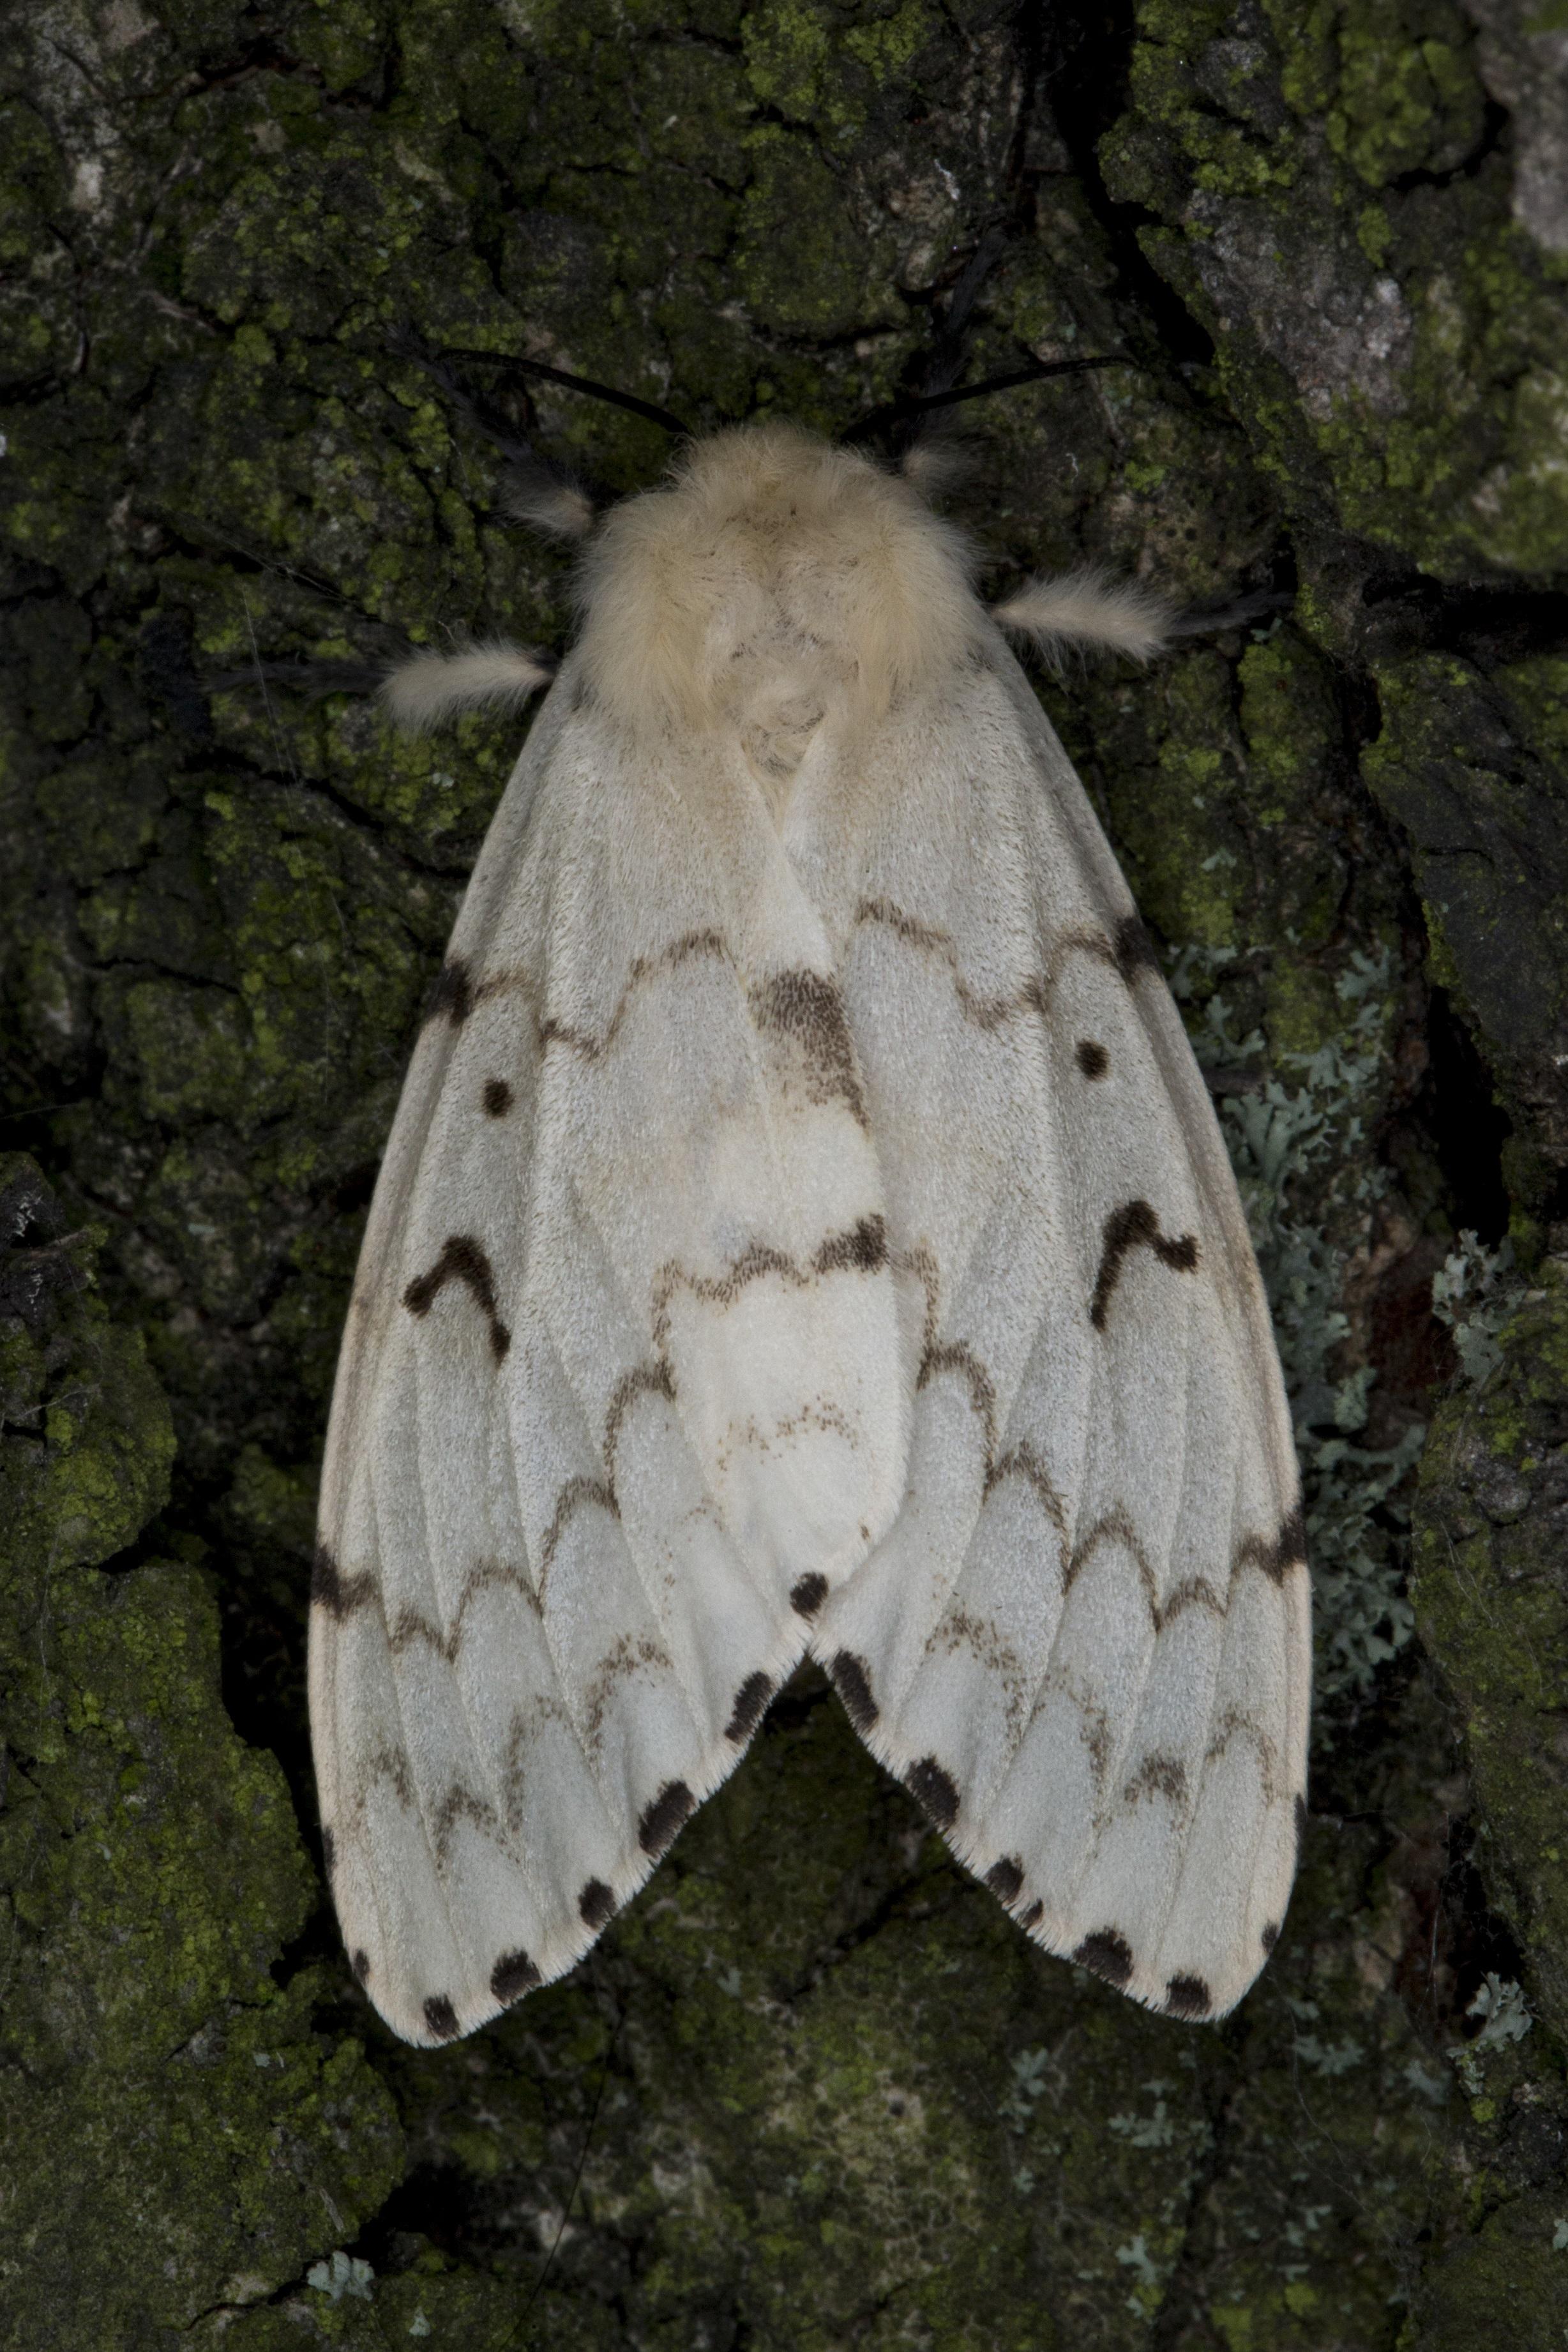 Bekyně velkohlavá, ve většině světa známá pod jménem gypsy moth, působí kalamity i u nás. Trvají vždy tři až čtyři roky a zhruba po 10 až 20 letech se opakují. Holožír pak postihuje jak lesní porosty, především duby, tak i stromy ovocné.Na snímku je